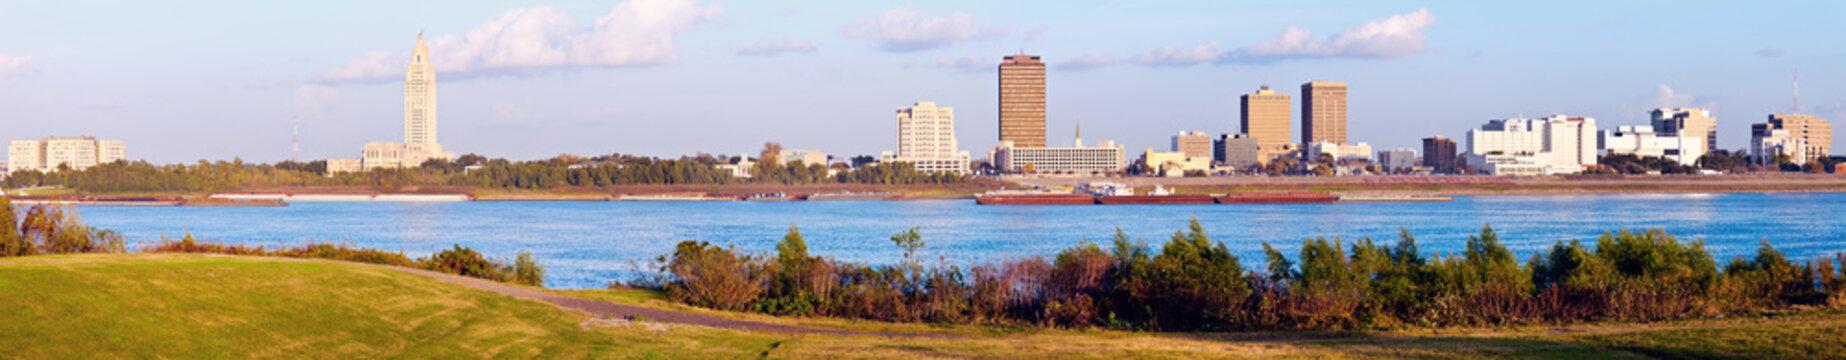 Panoramic Baton Rouge